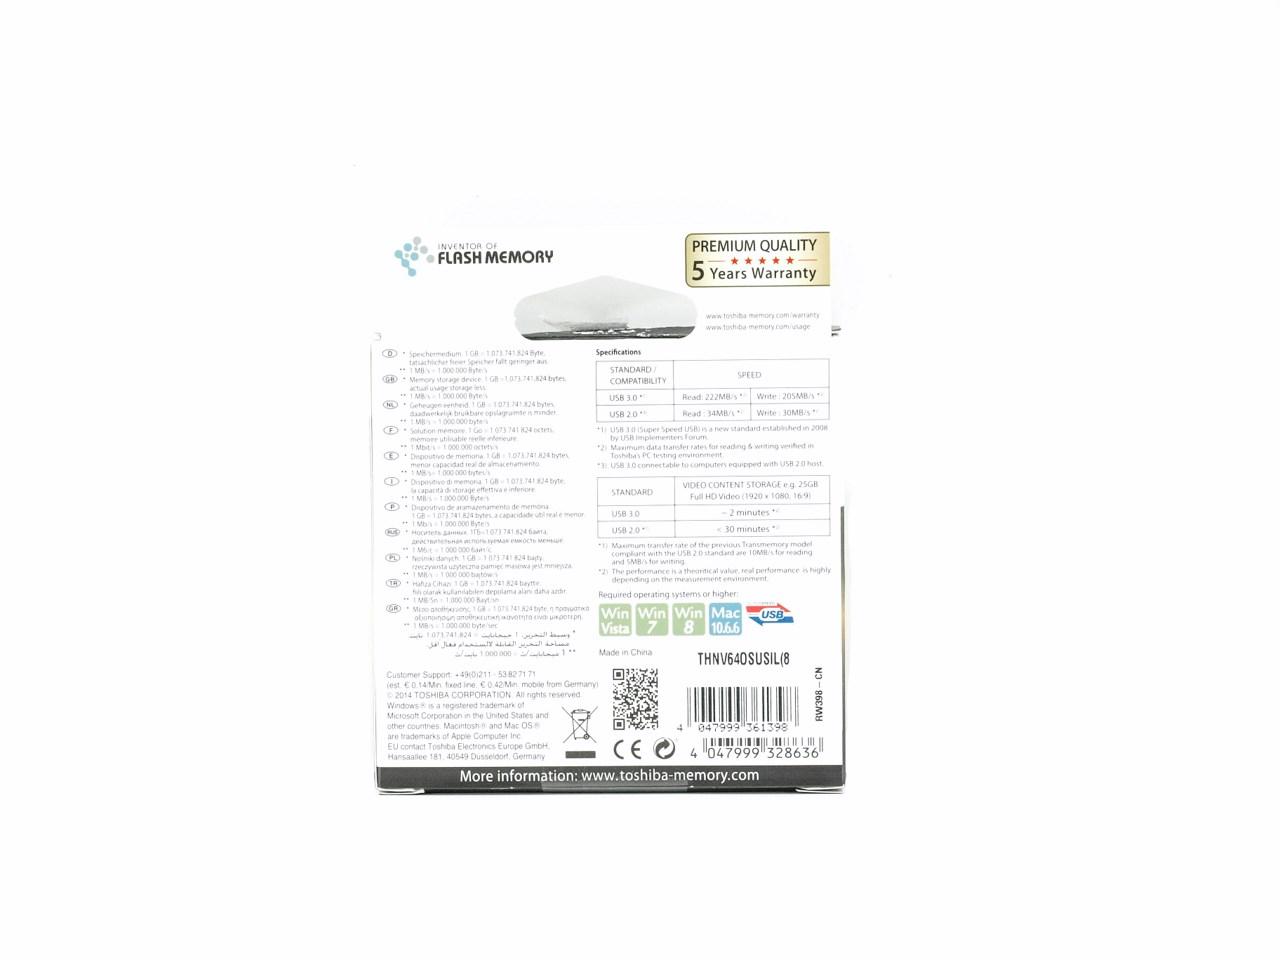 Toshiba TransMemory-EX II 64GB USB 3.0 Flash Drive Review